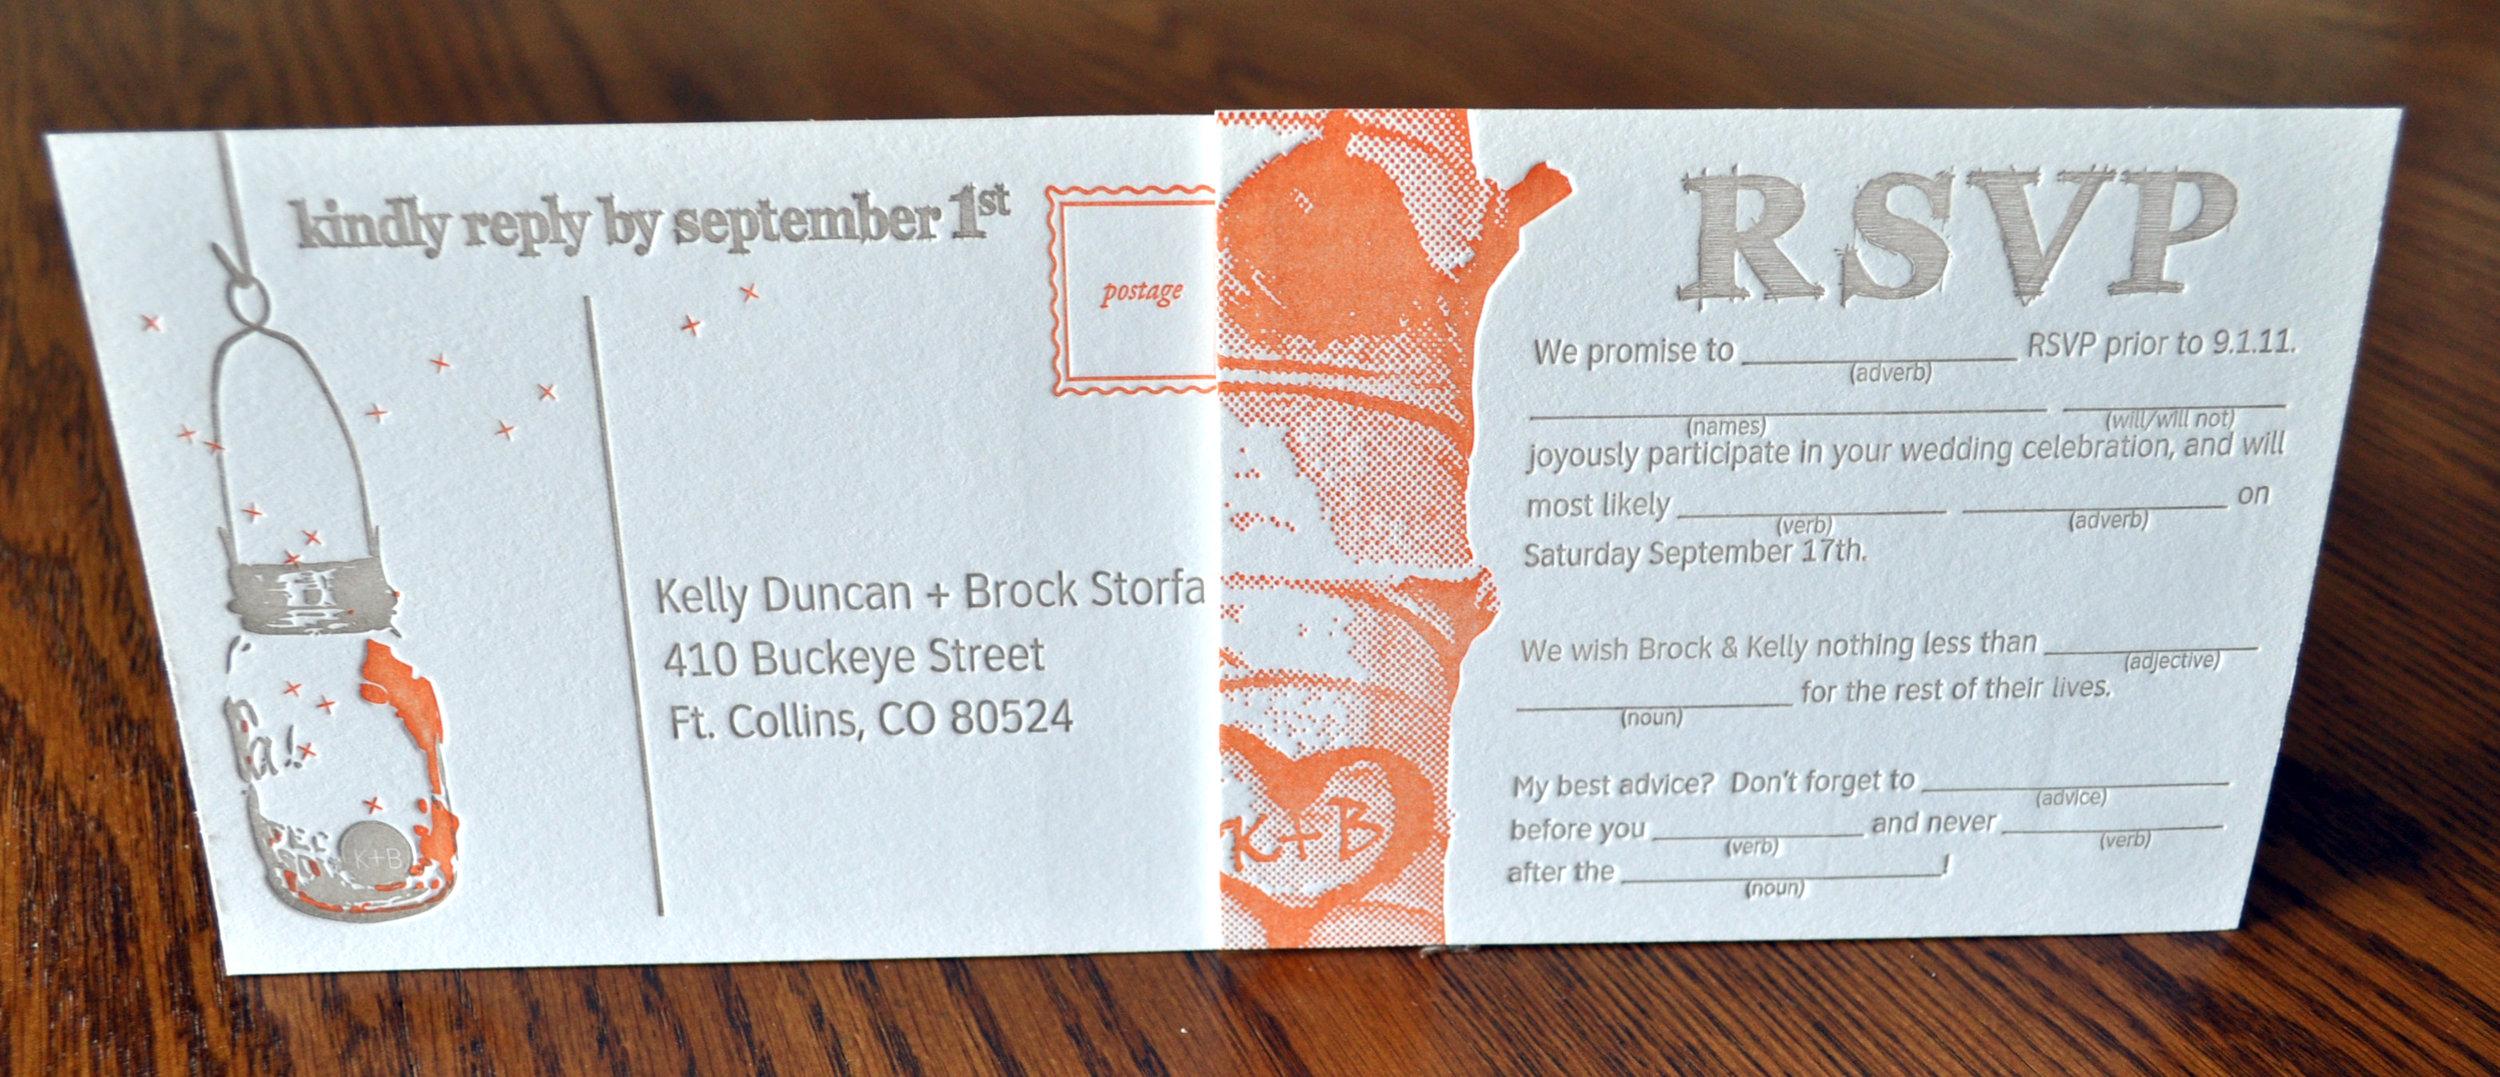 invitation-letterpress-6.JPG